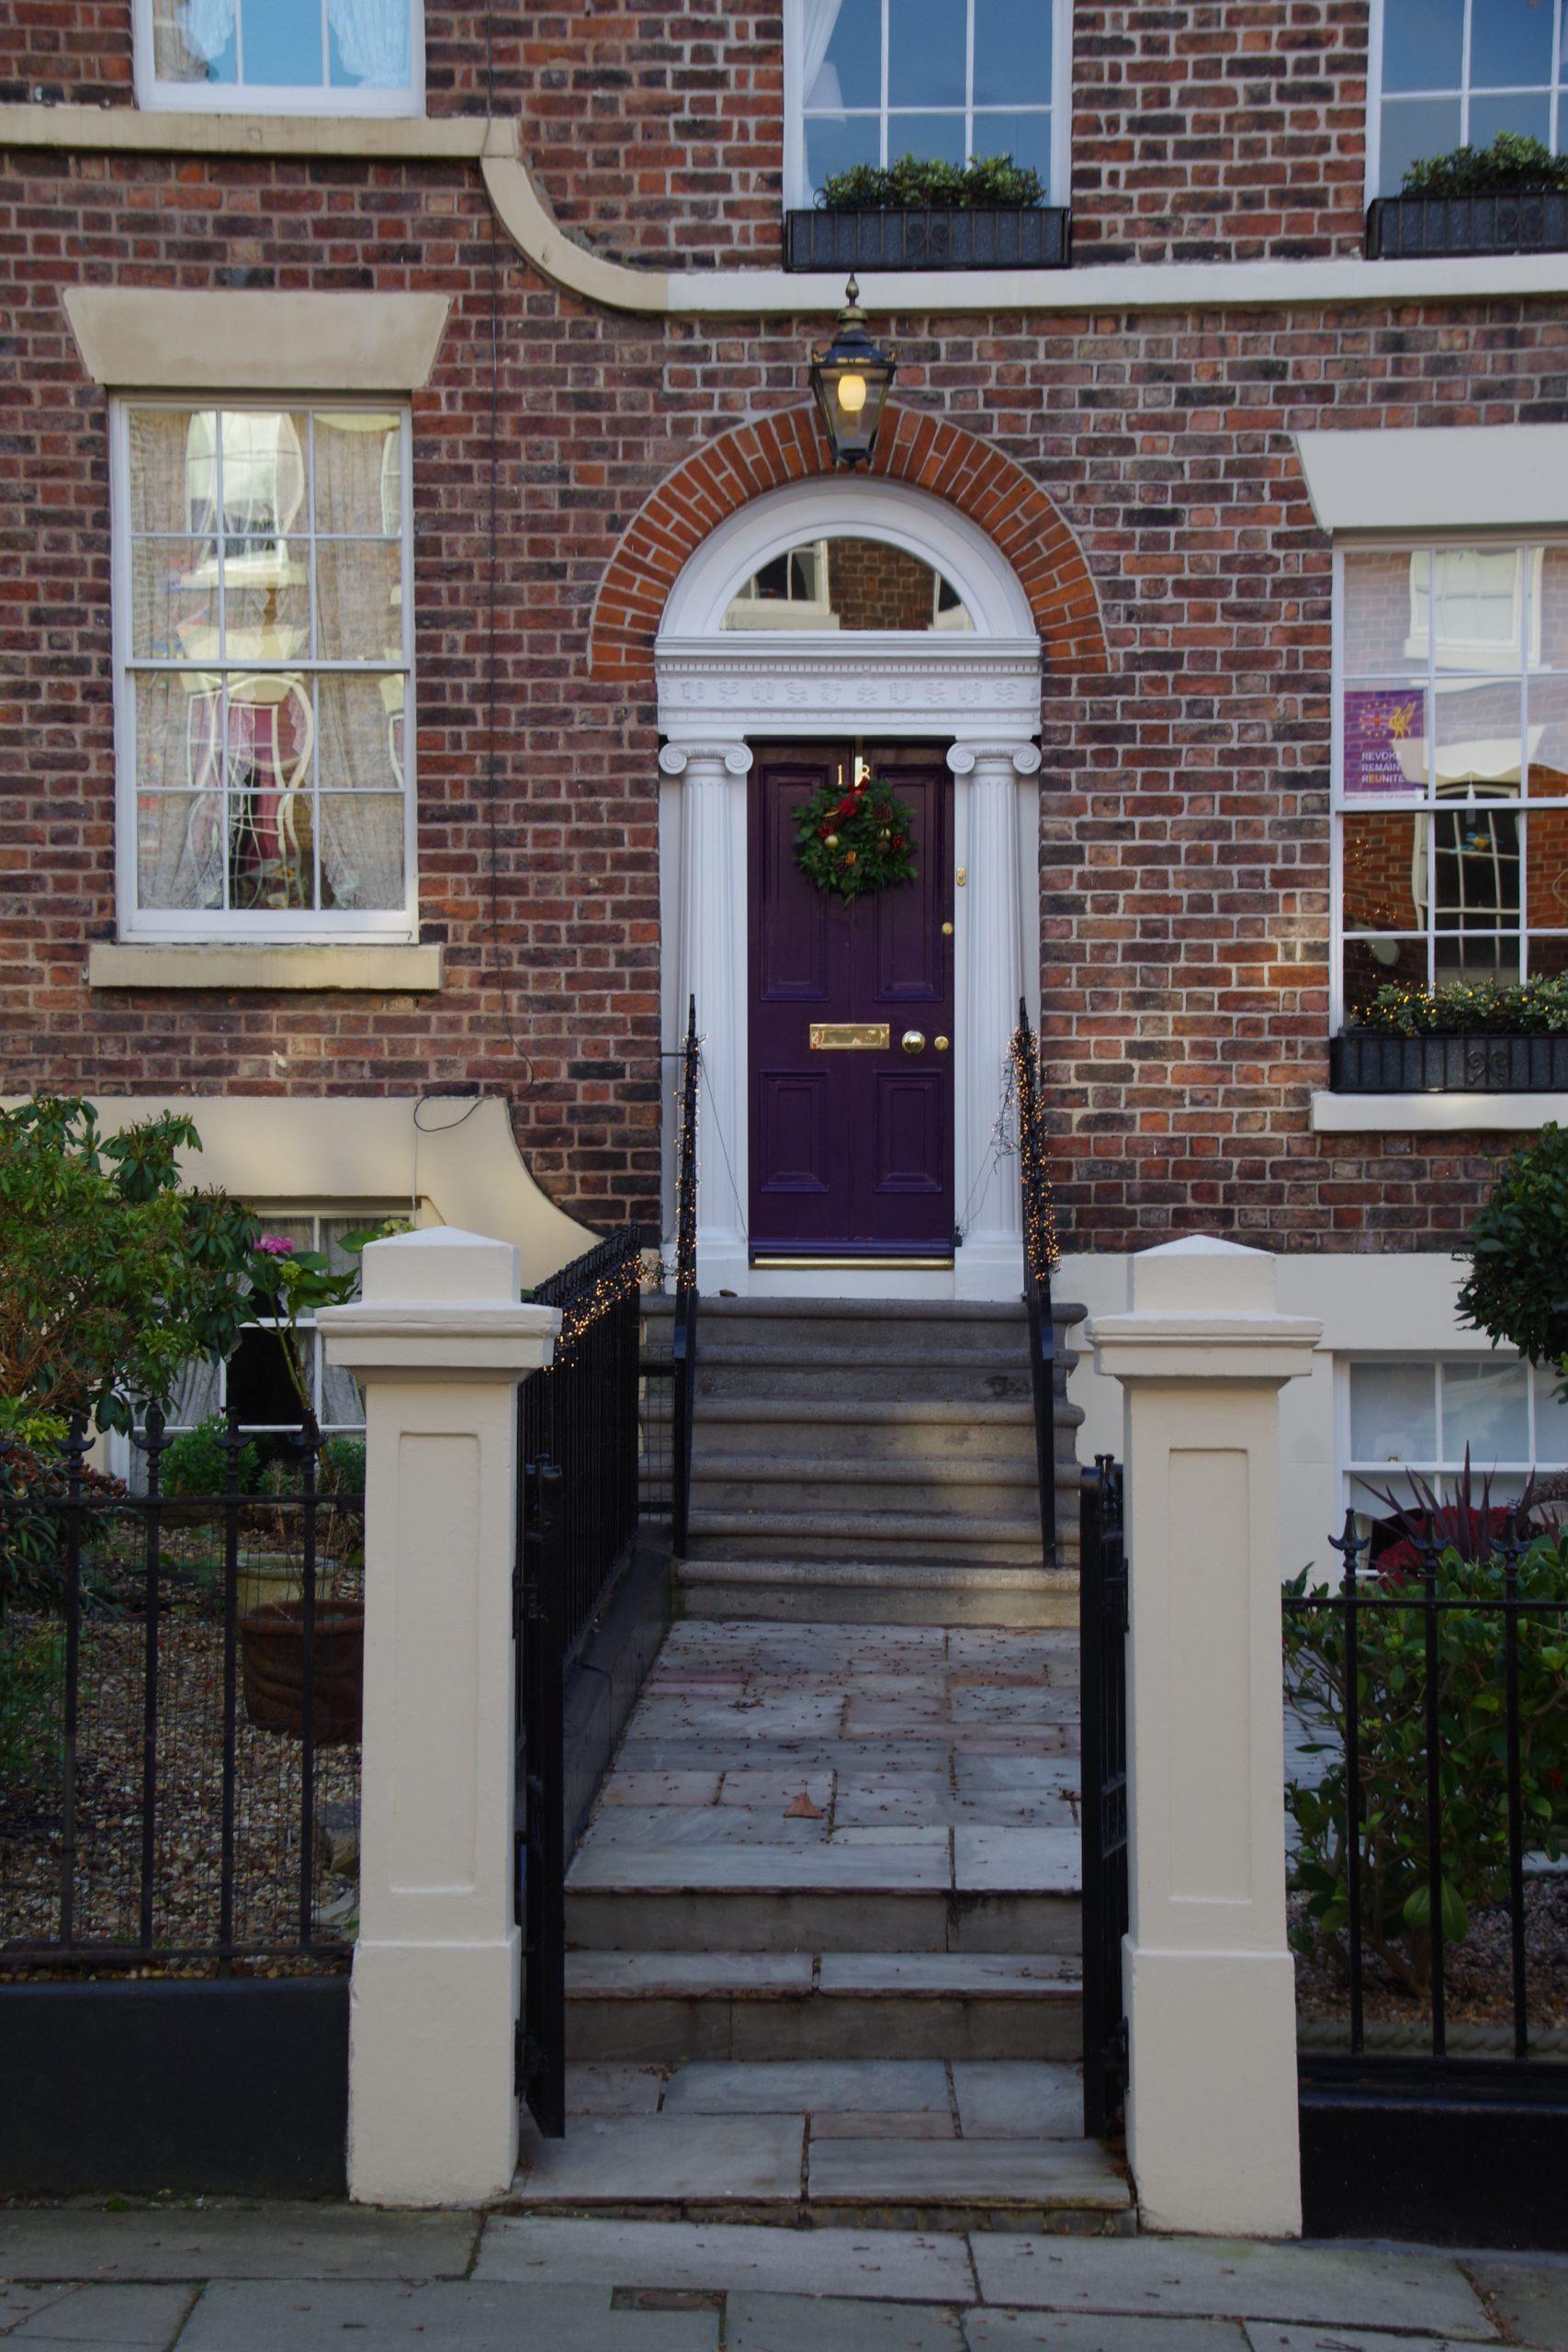 Purple Christmas doorway